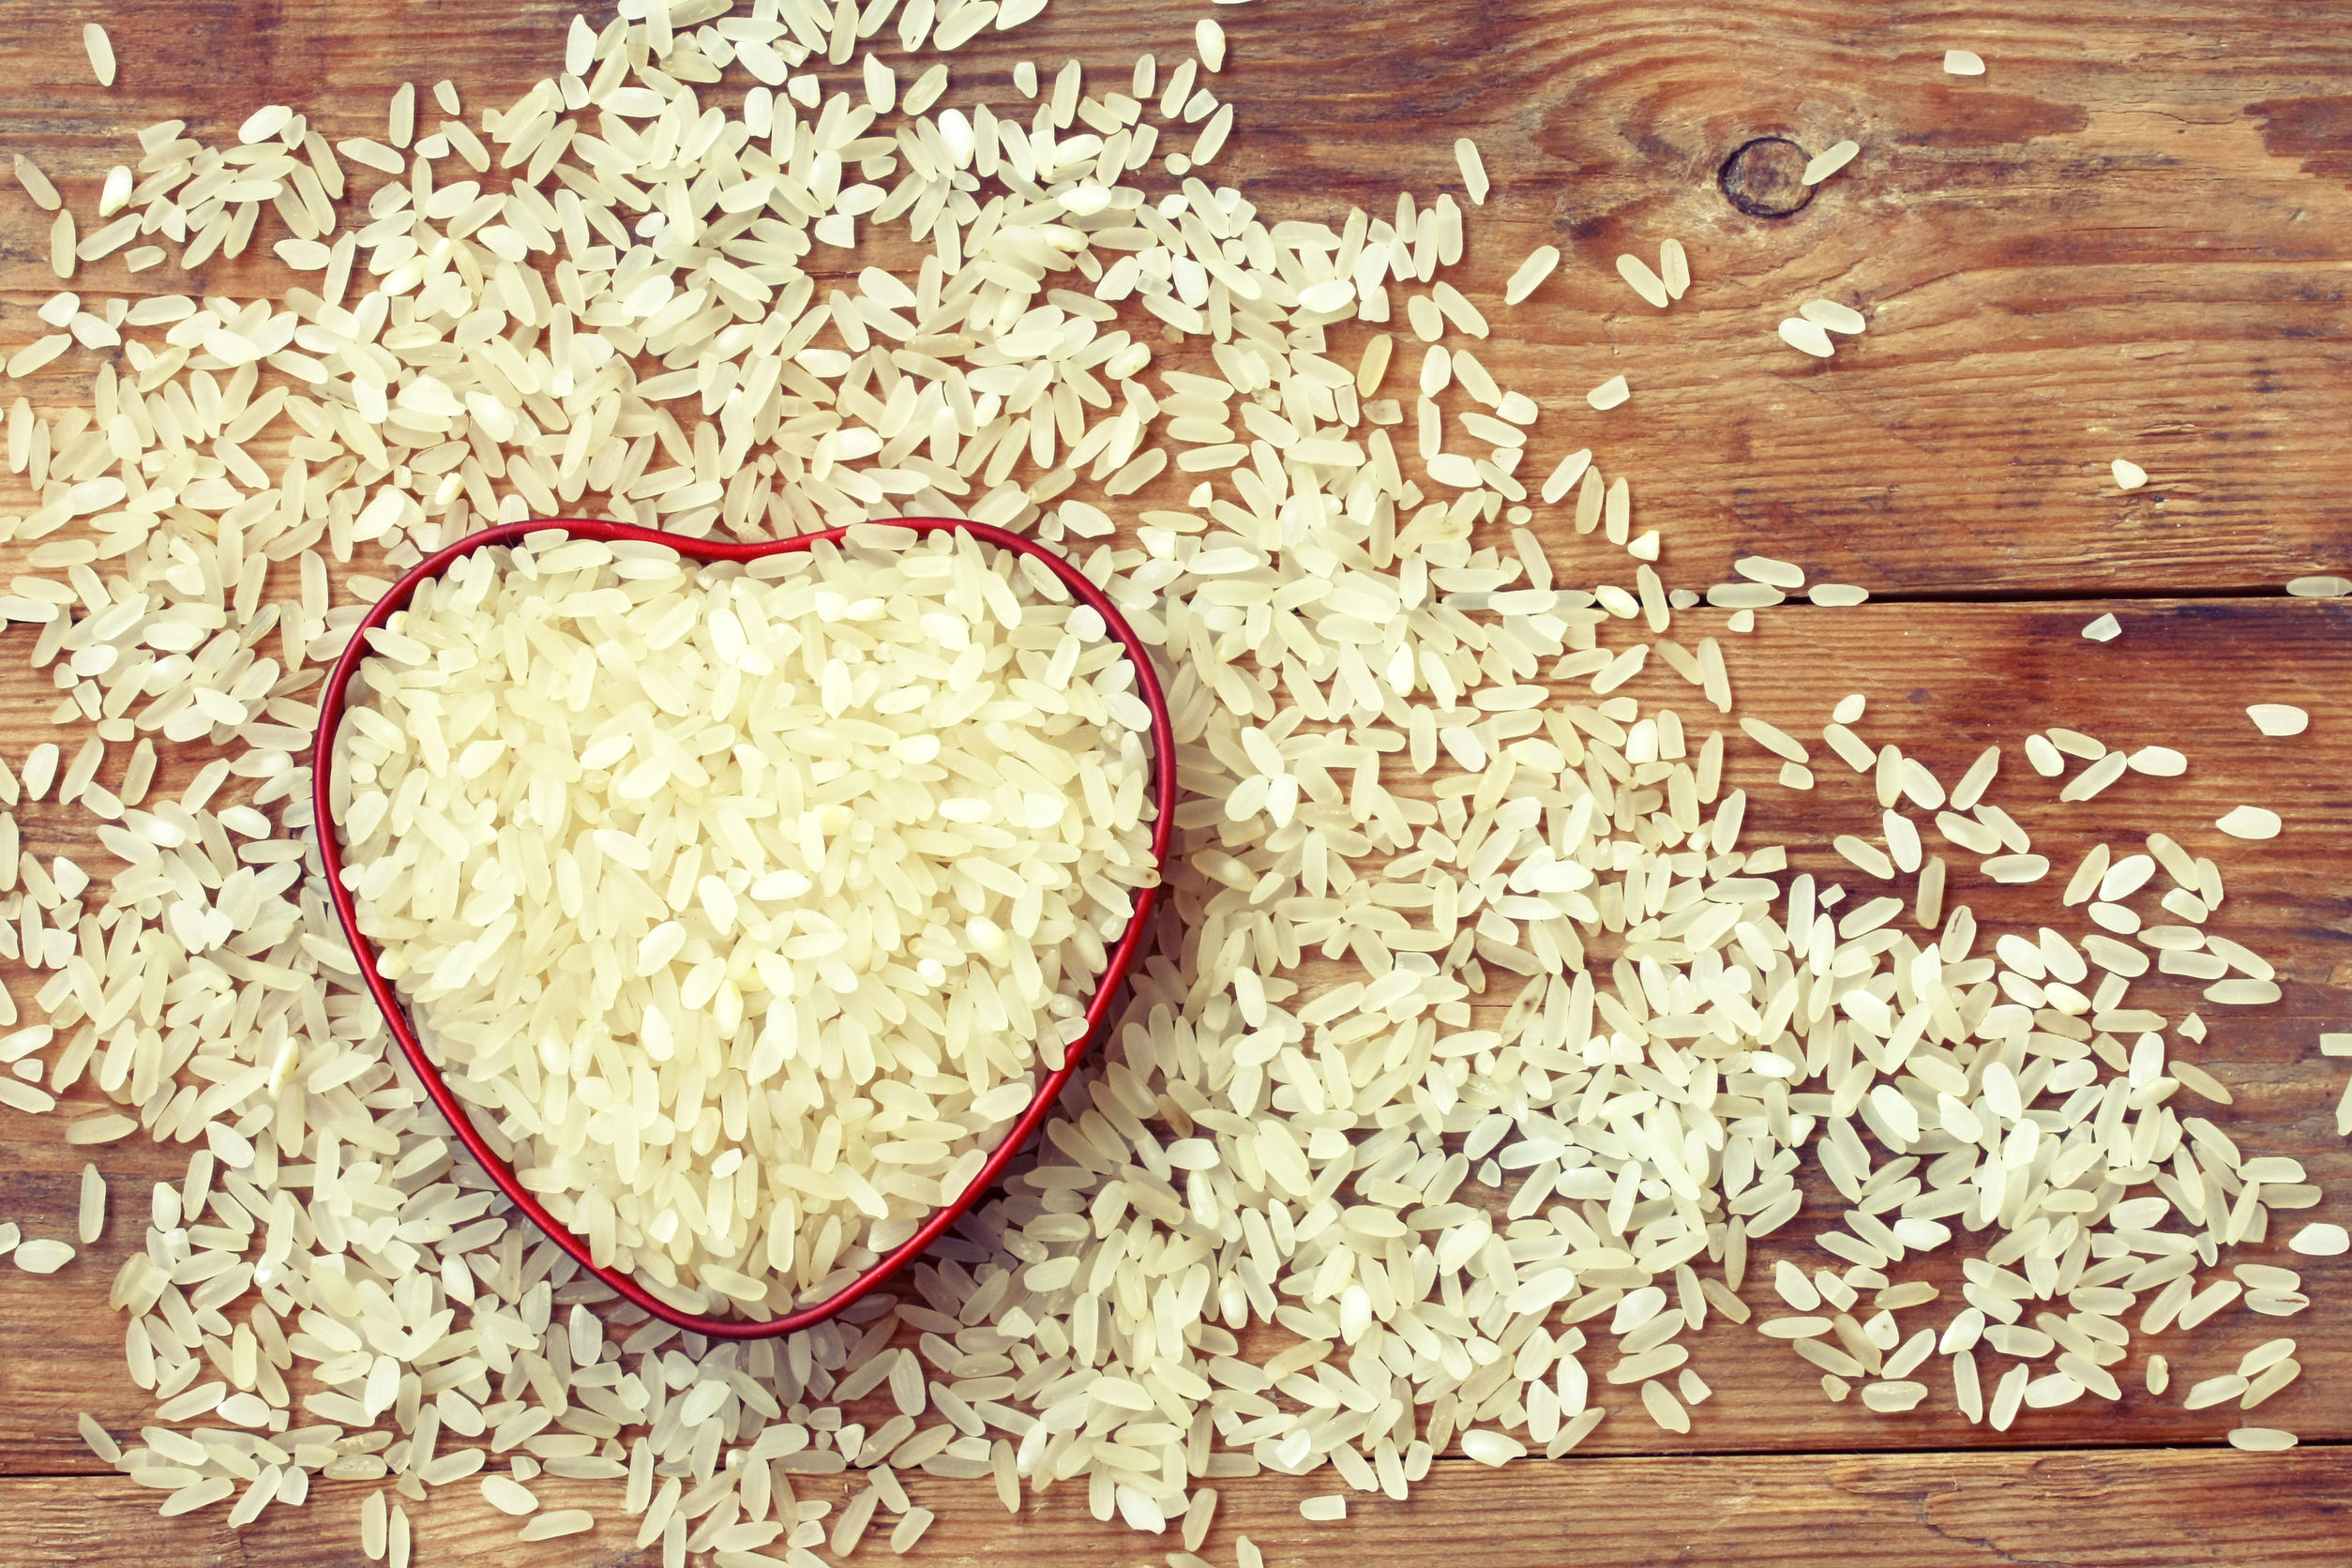 Rice heart on wooden plank.